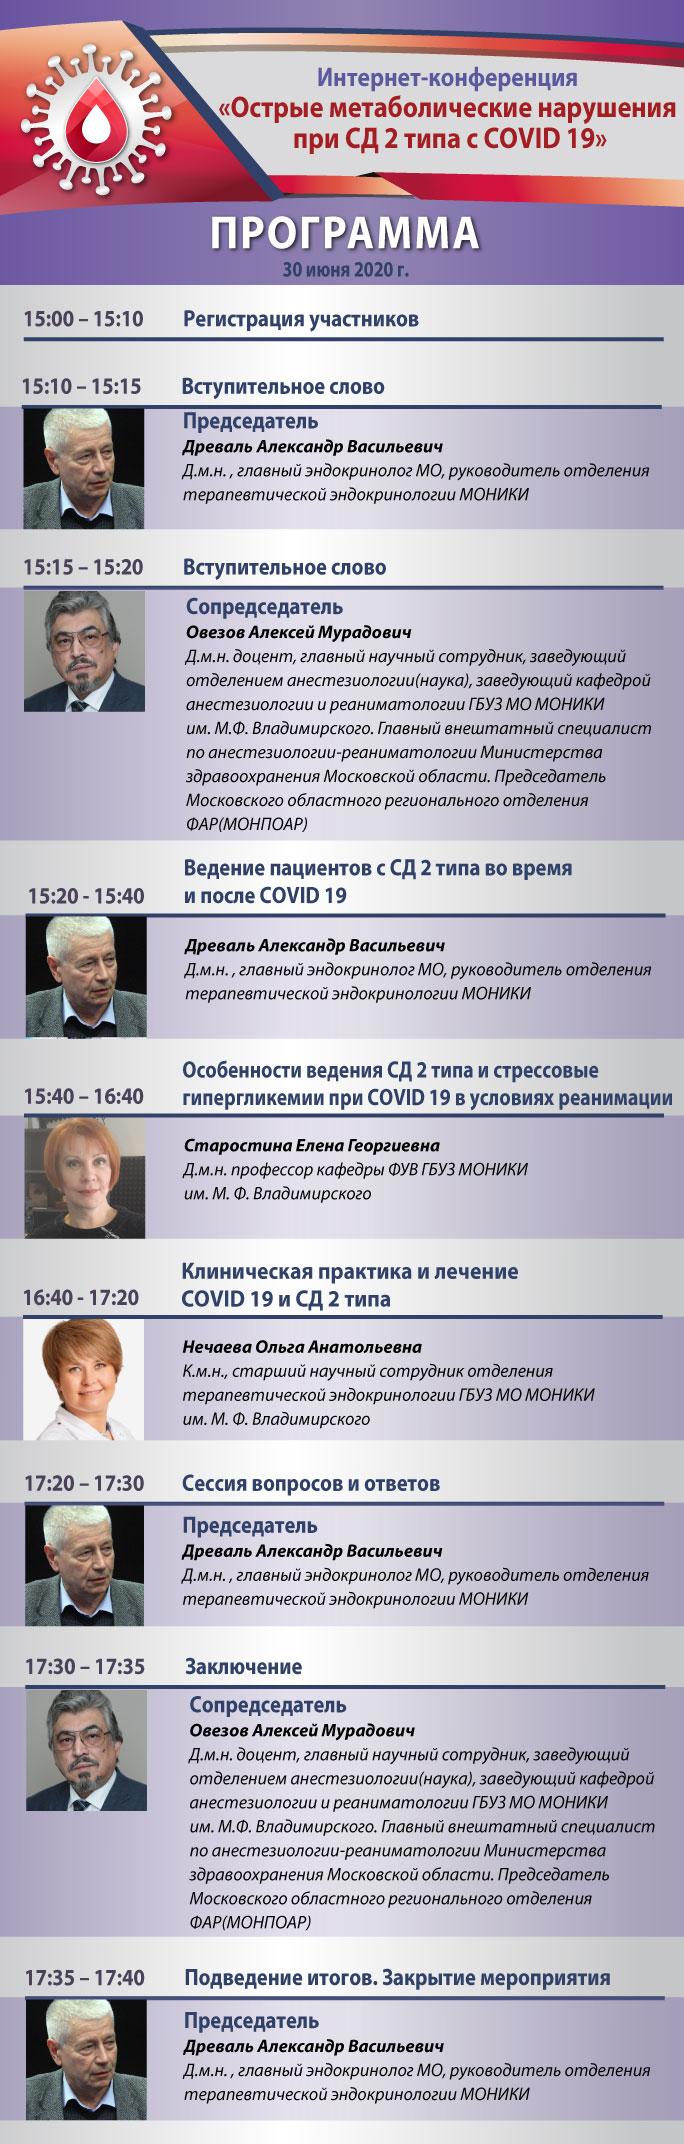 """Интернет-конференция """"Острые метаболические нарушения при СД 2 типа с COVID 19"""""""